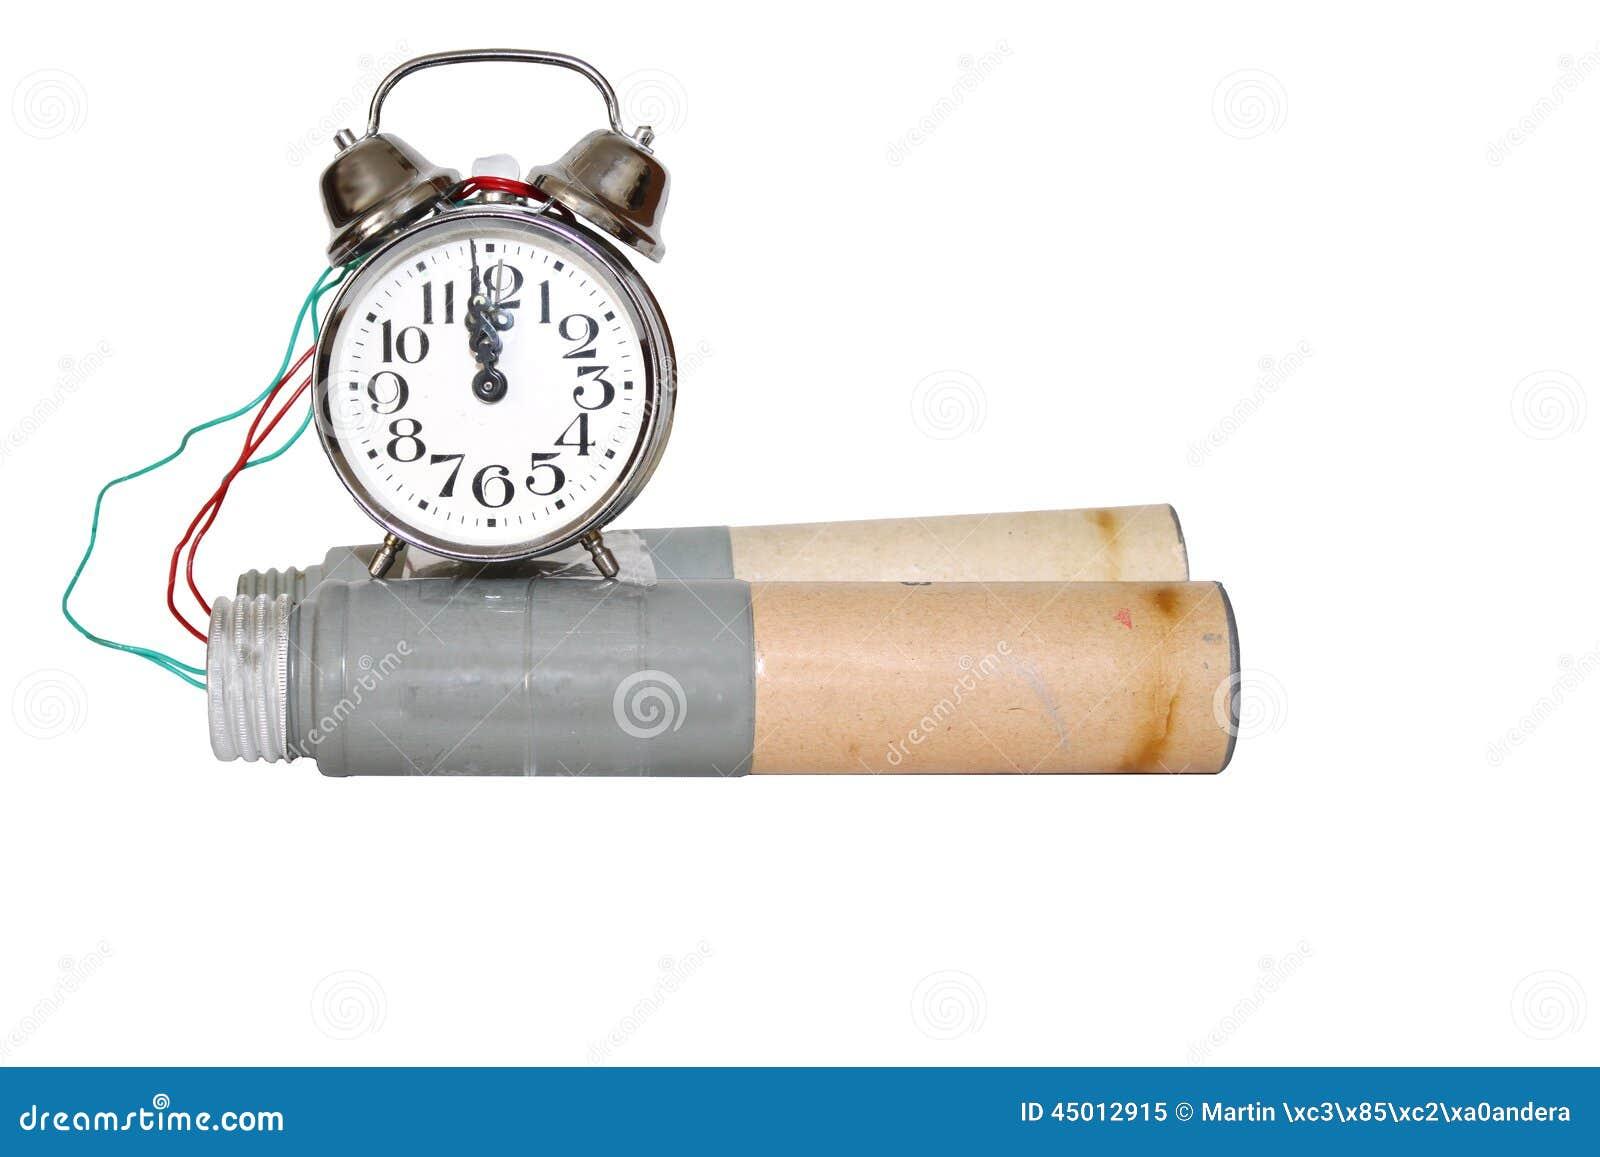 ba430b066312 Bomba De Relojería Conectada Con El Despertador Imagen de archivo ...